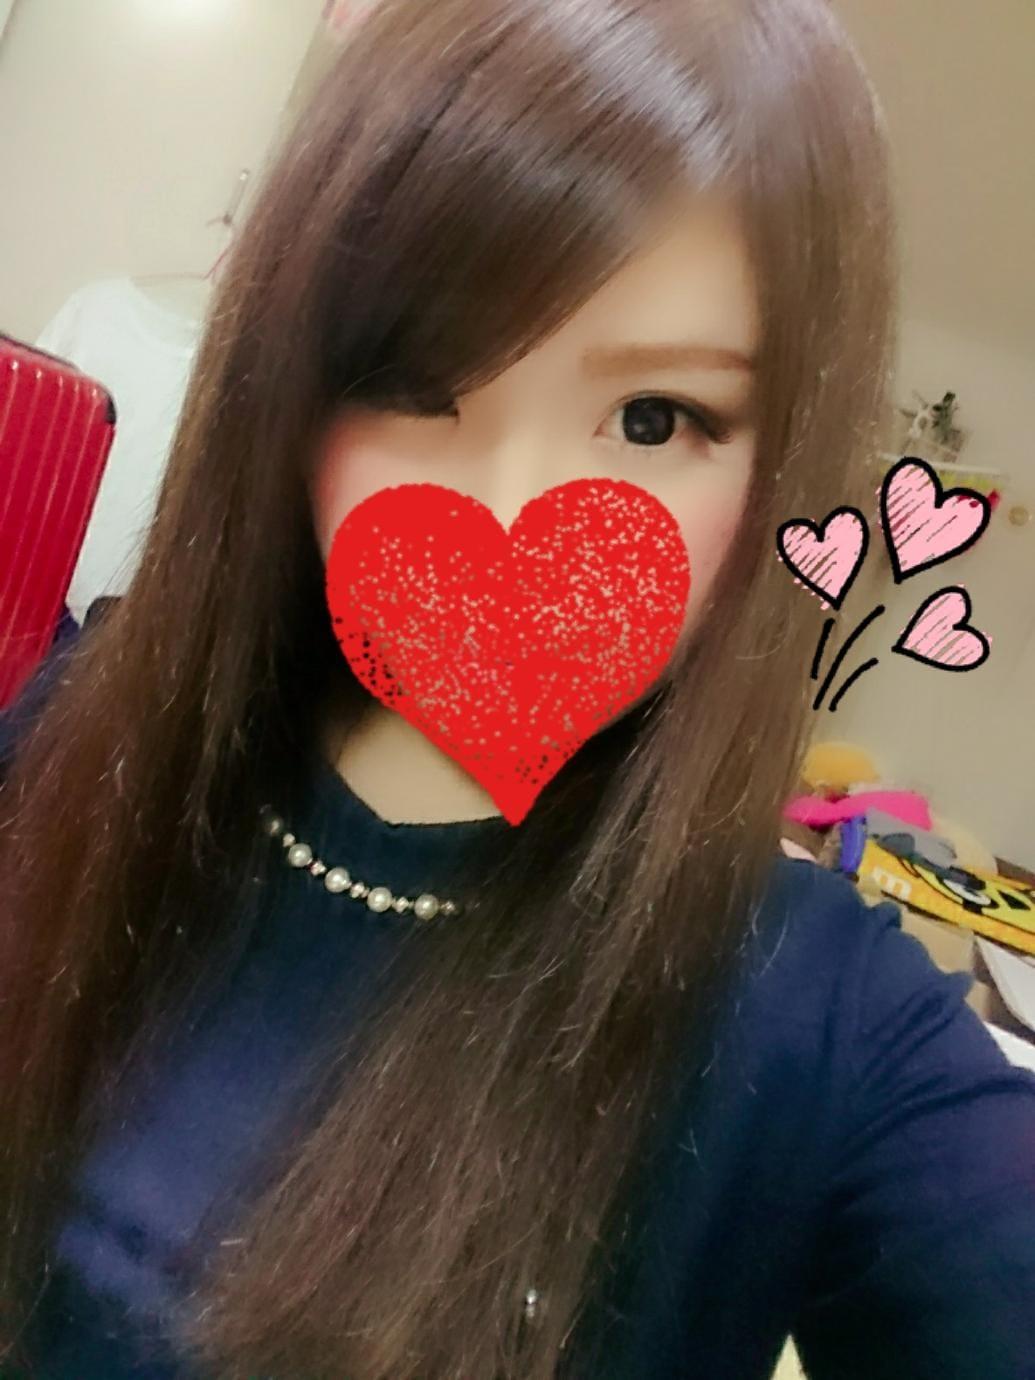 「おやすみなさい♡」09/18(09/18) 04:52   まなの写メ・風俗動画